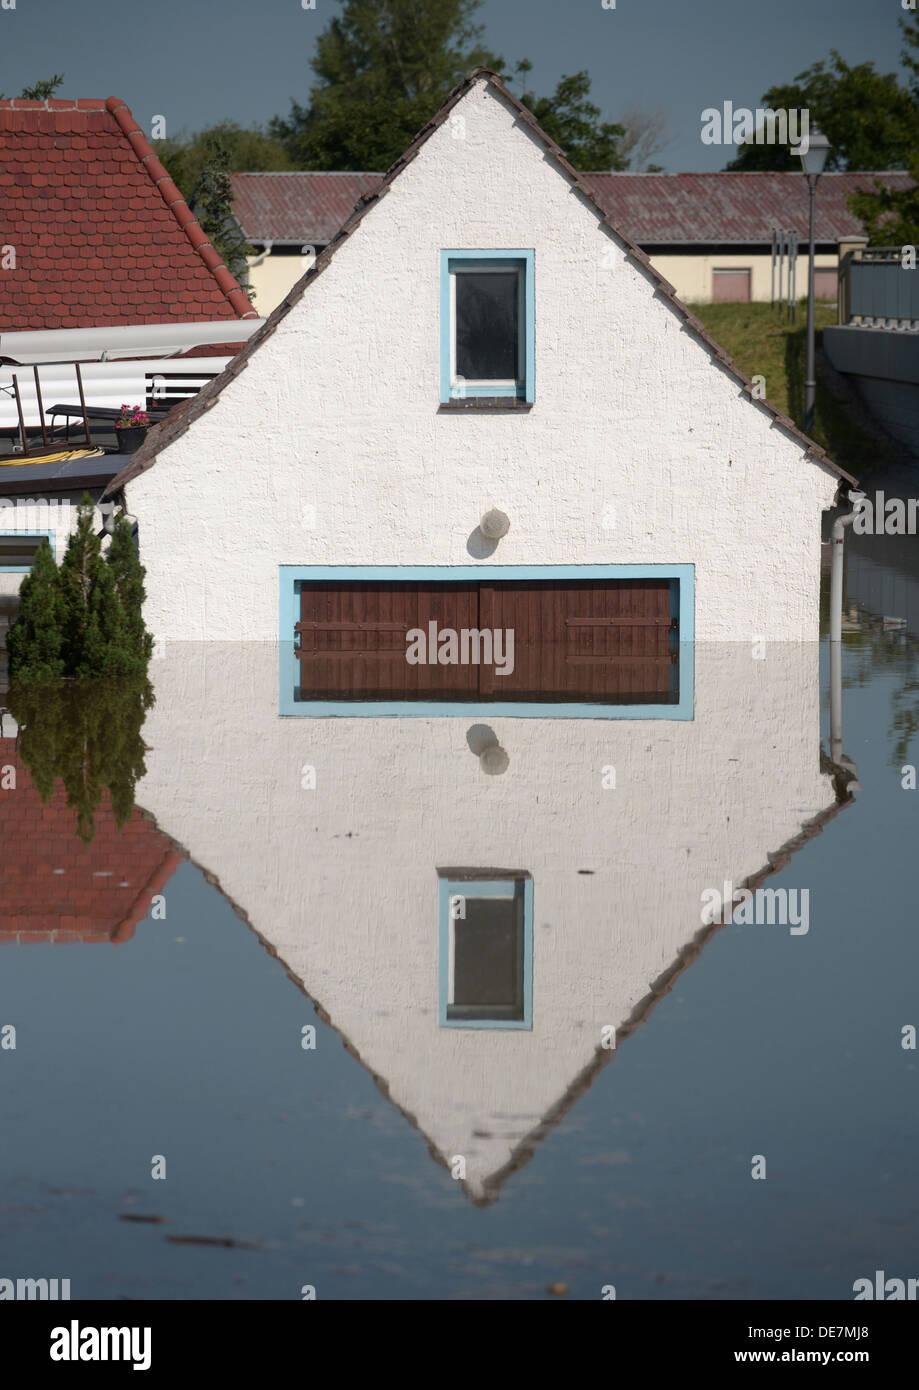 Muehl, Alemania, inundada por el diluvio house Imagen De Stock